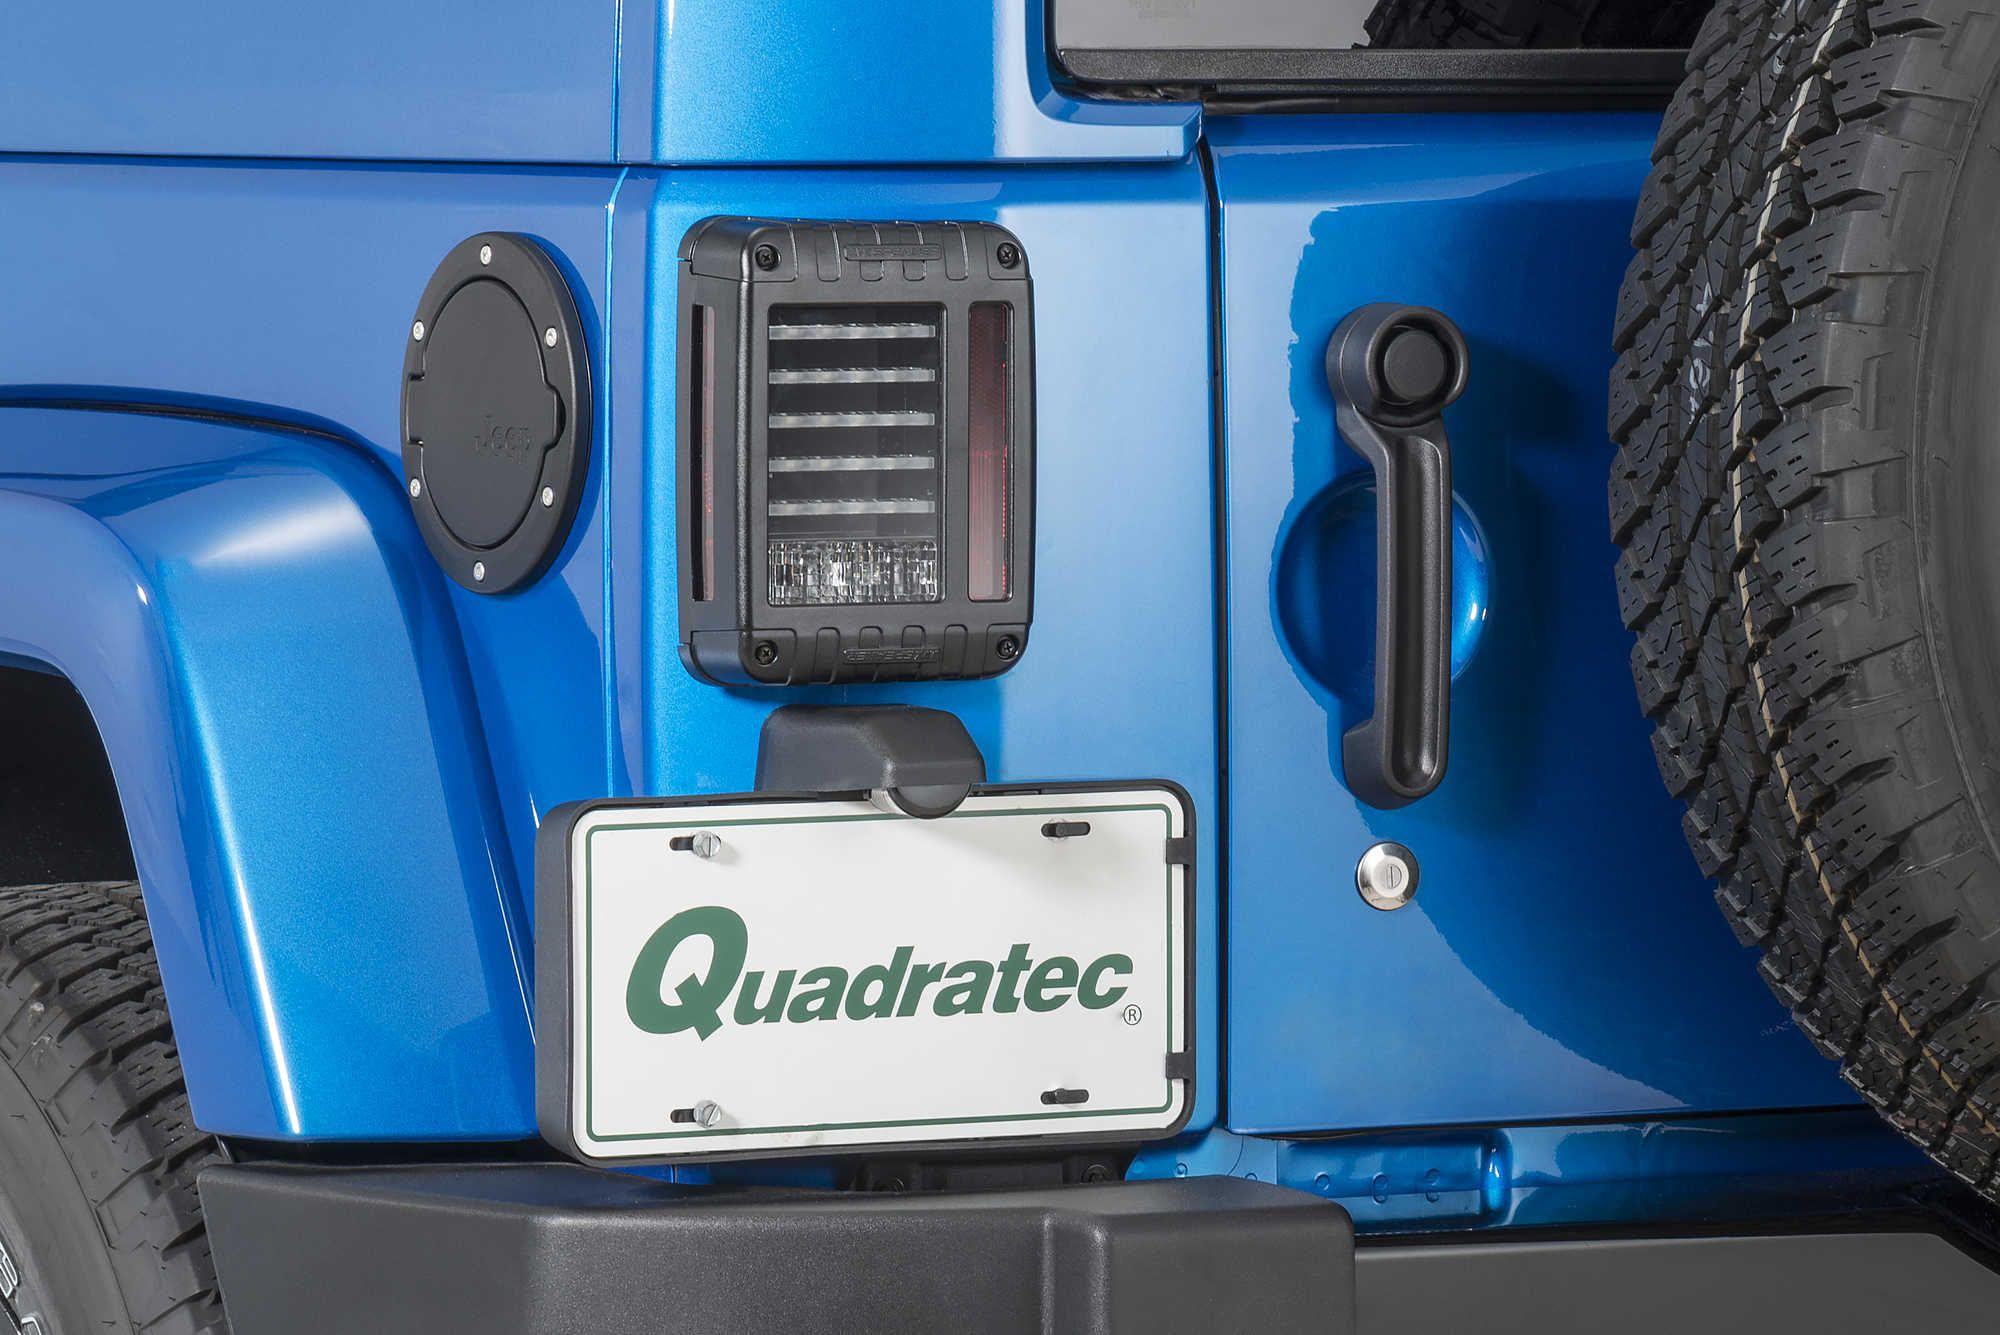 Jw Speaker 279 J Series Led Tail Light Kit For 07 16 Jeep Wrangler Kits Unlimited Jk Quadratec